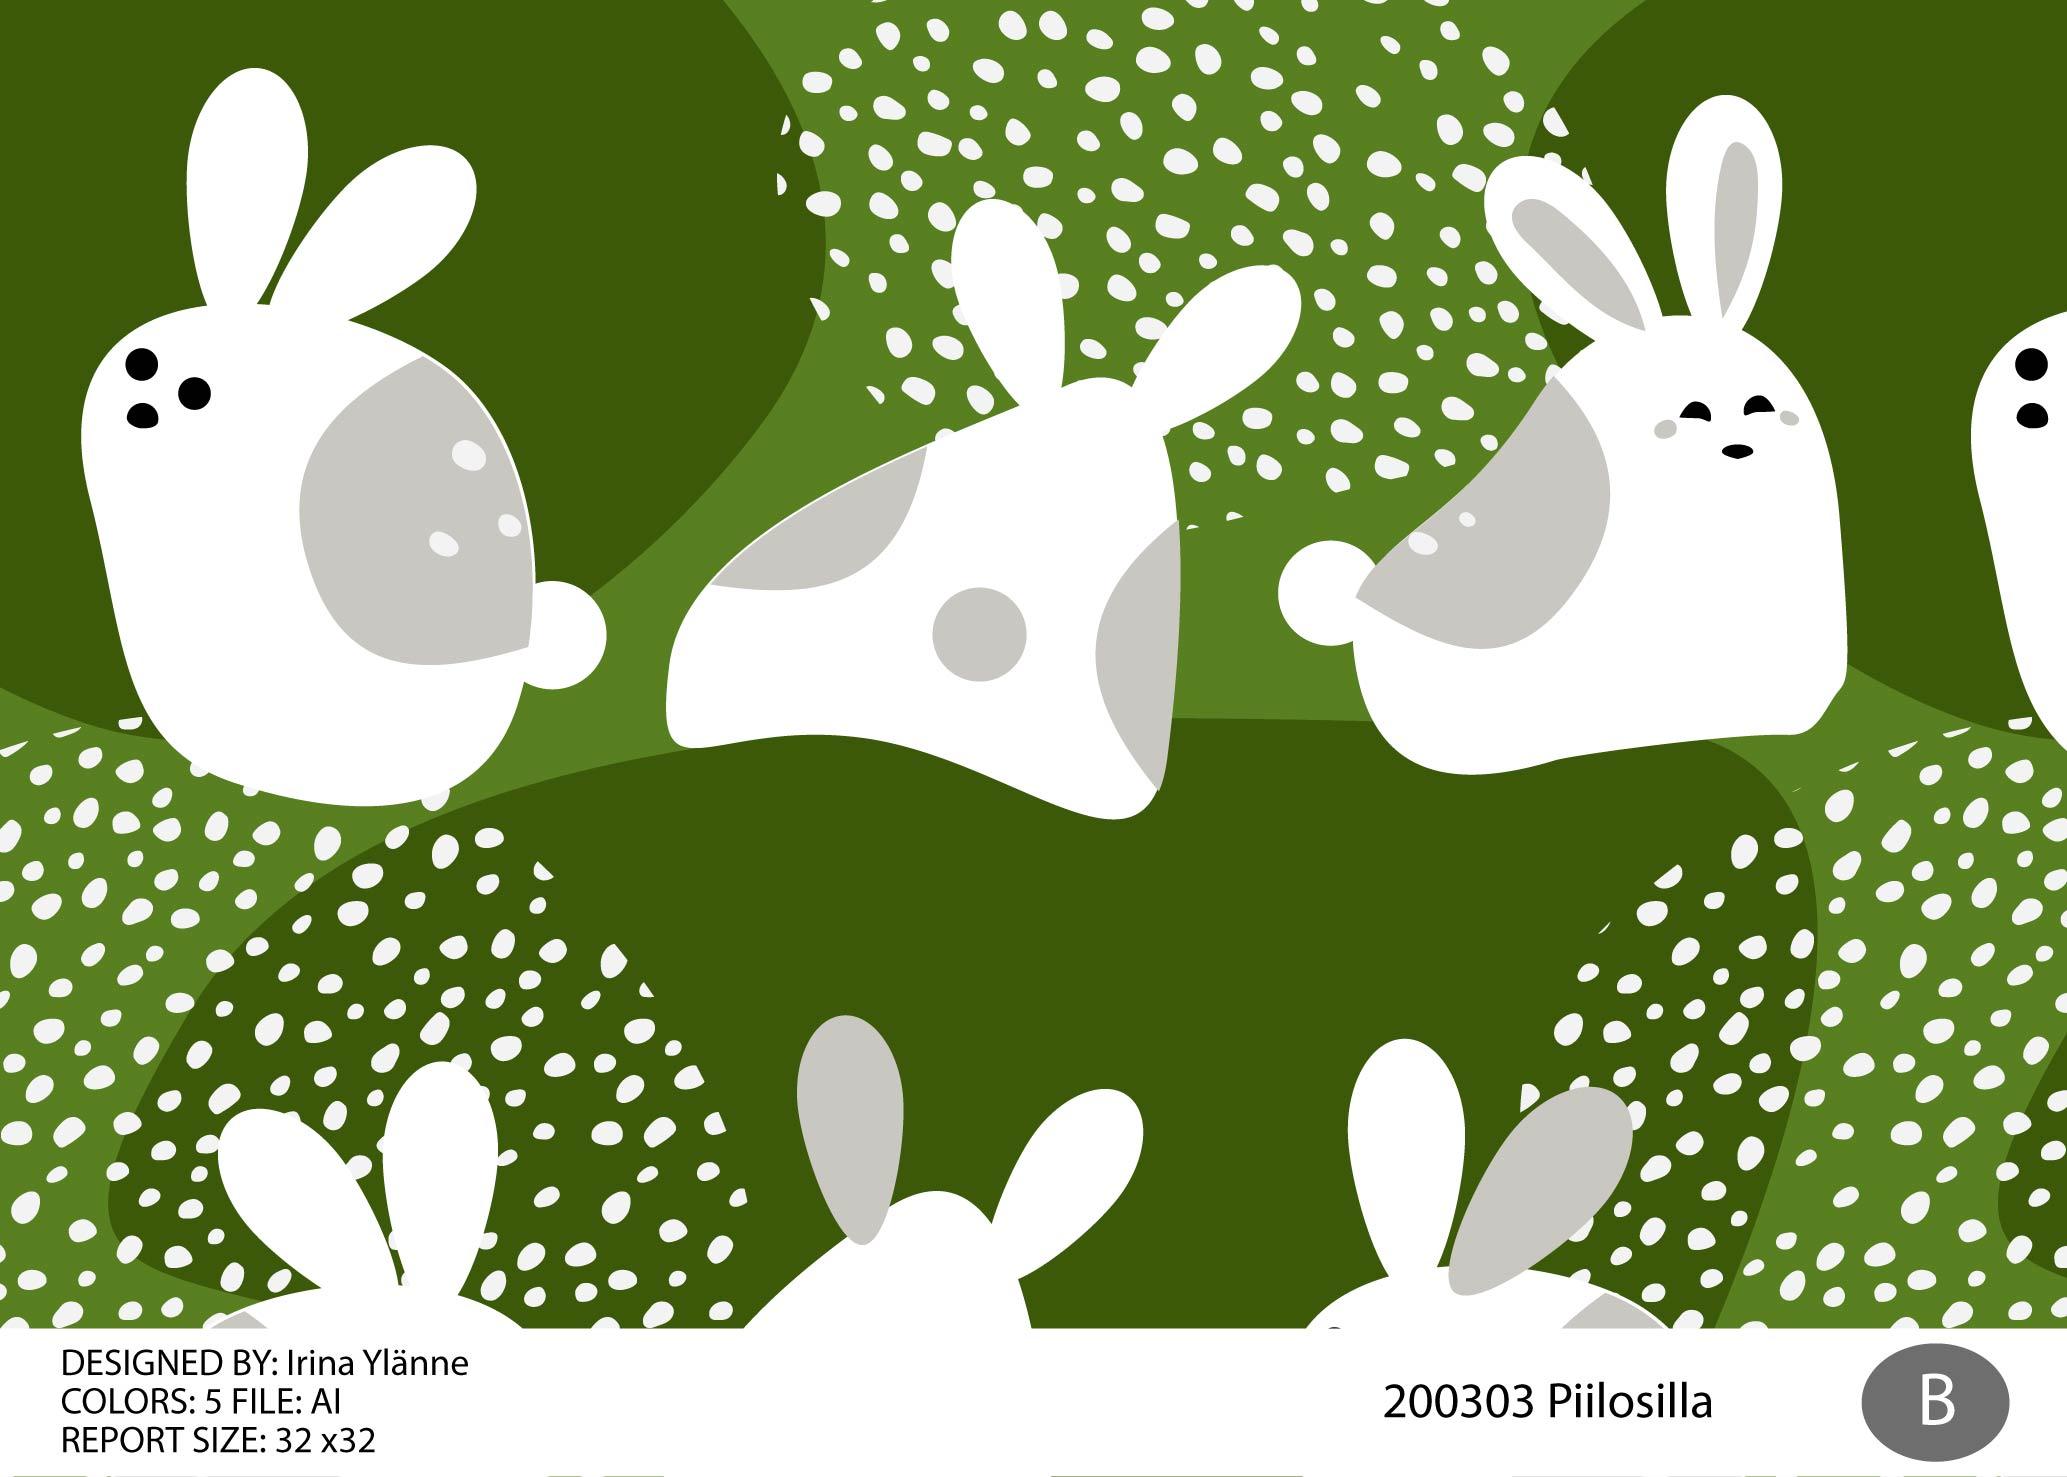 irinas_200303_piilosilla-01